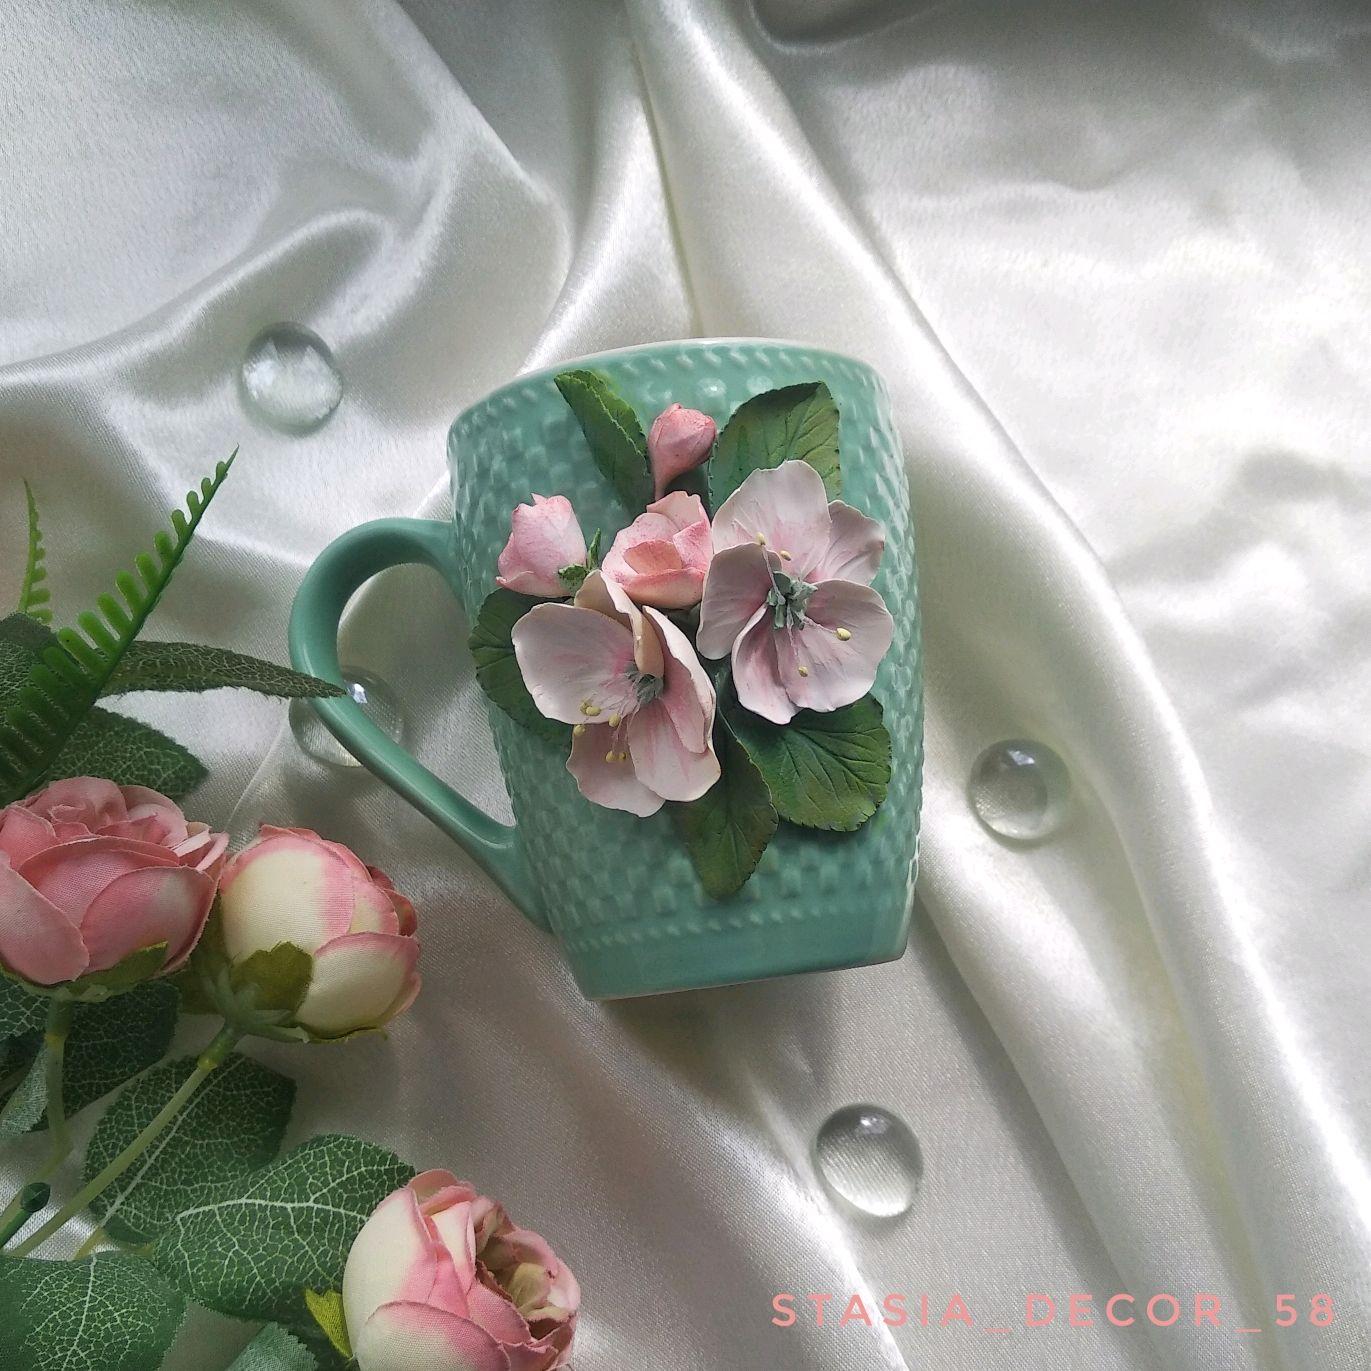 Кружка с цветами, Кружки, Пенза,  Фото №1